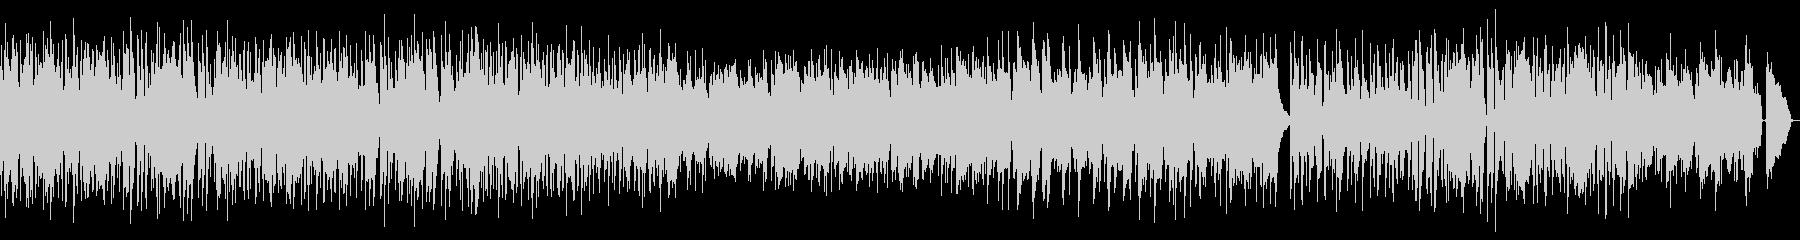 生演奏・ヒーリングミュージックの未再生の波形